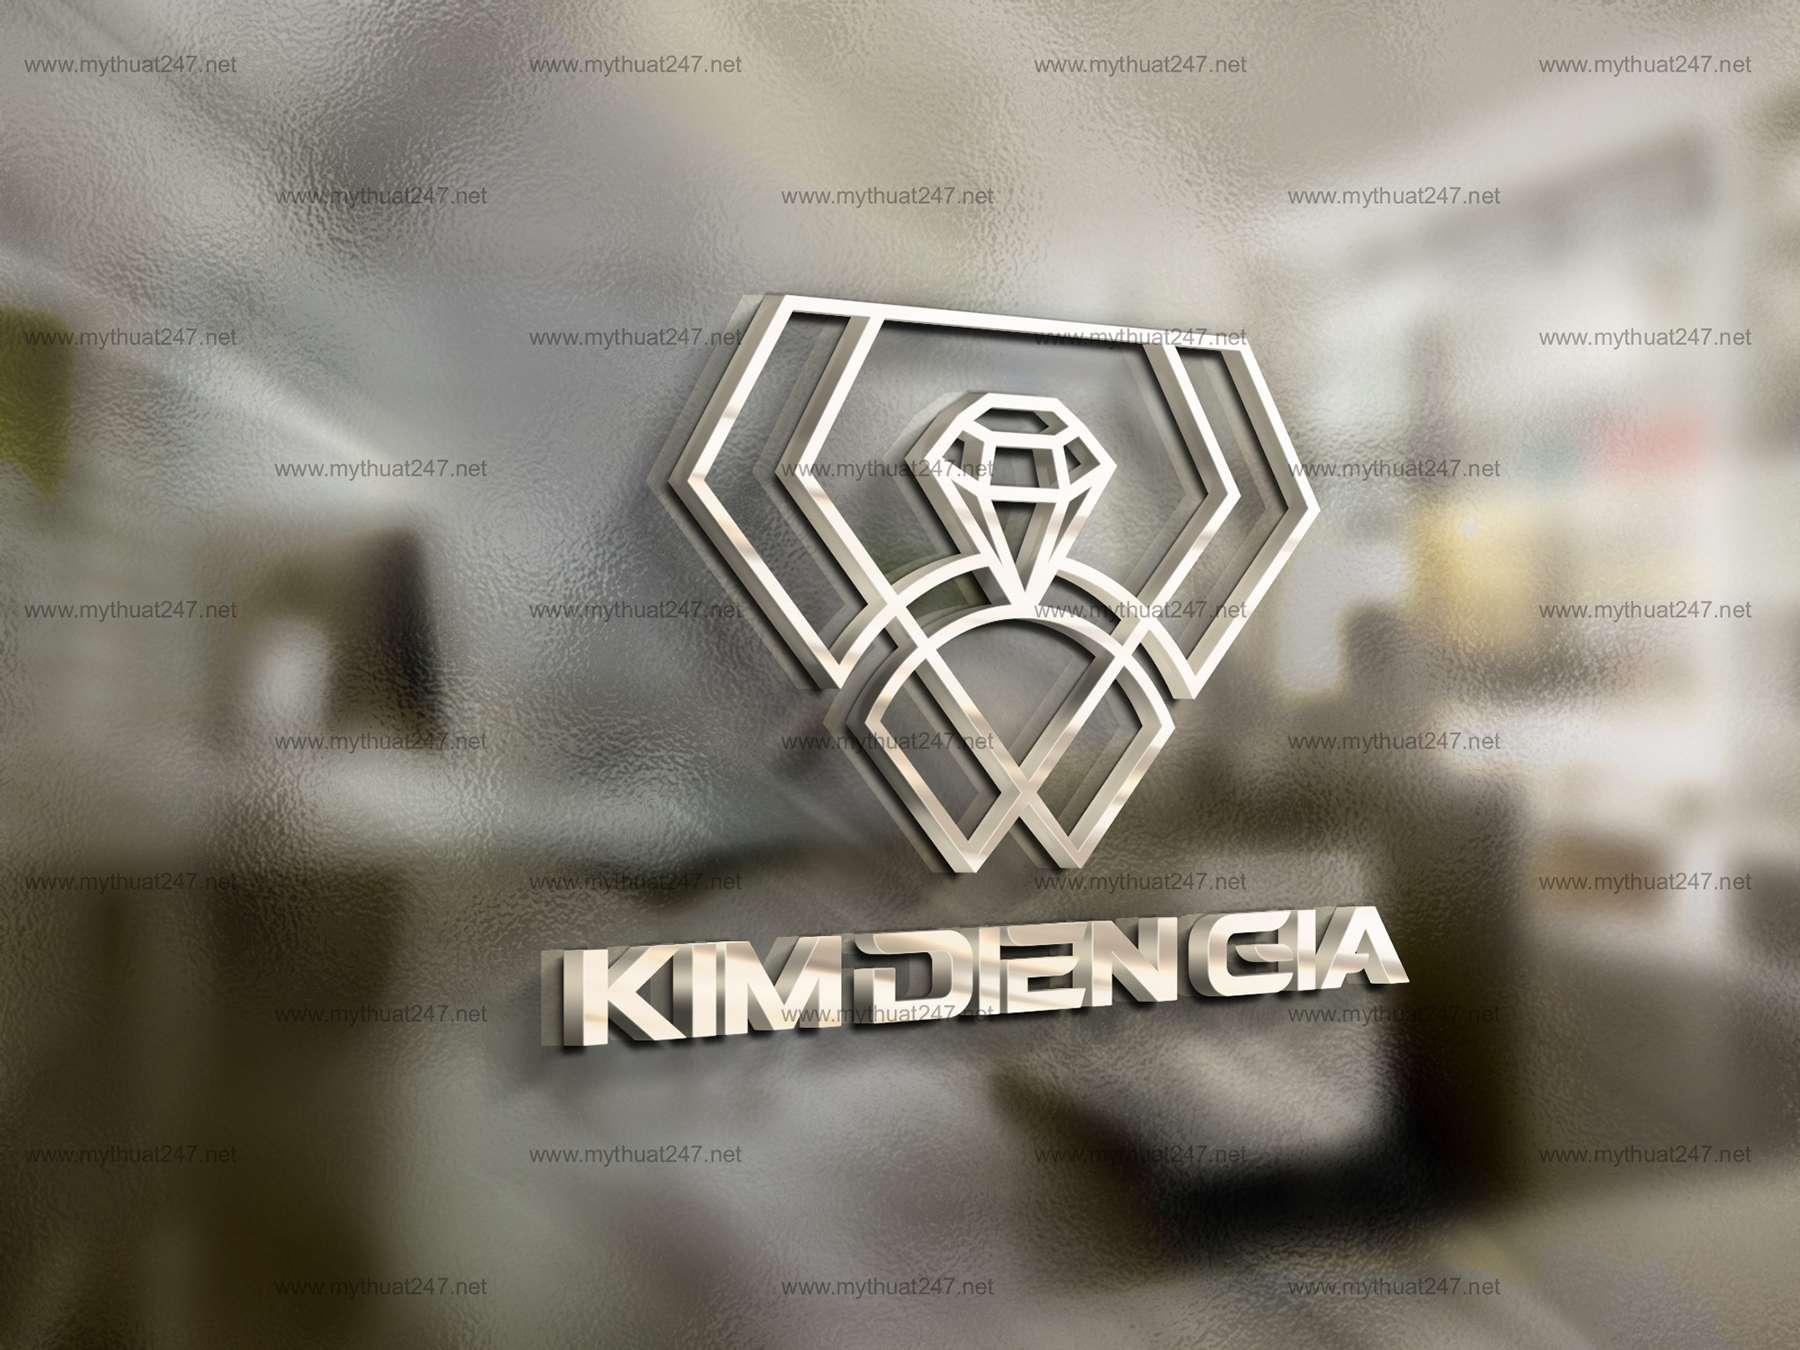 Thiết kế logo công ty tnhh thế giới đá quý kim điền gia